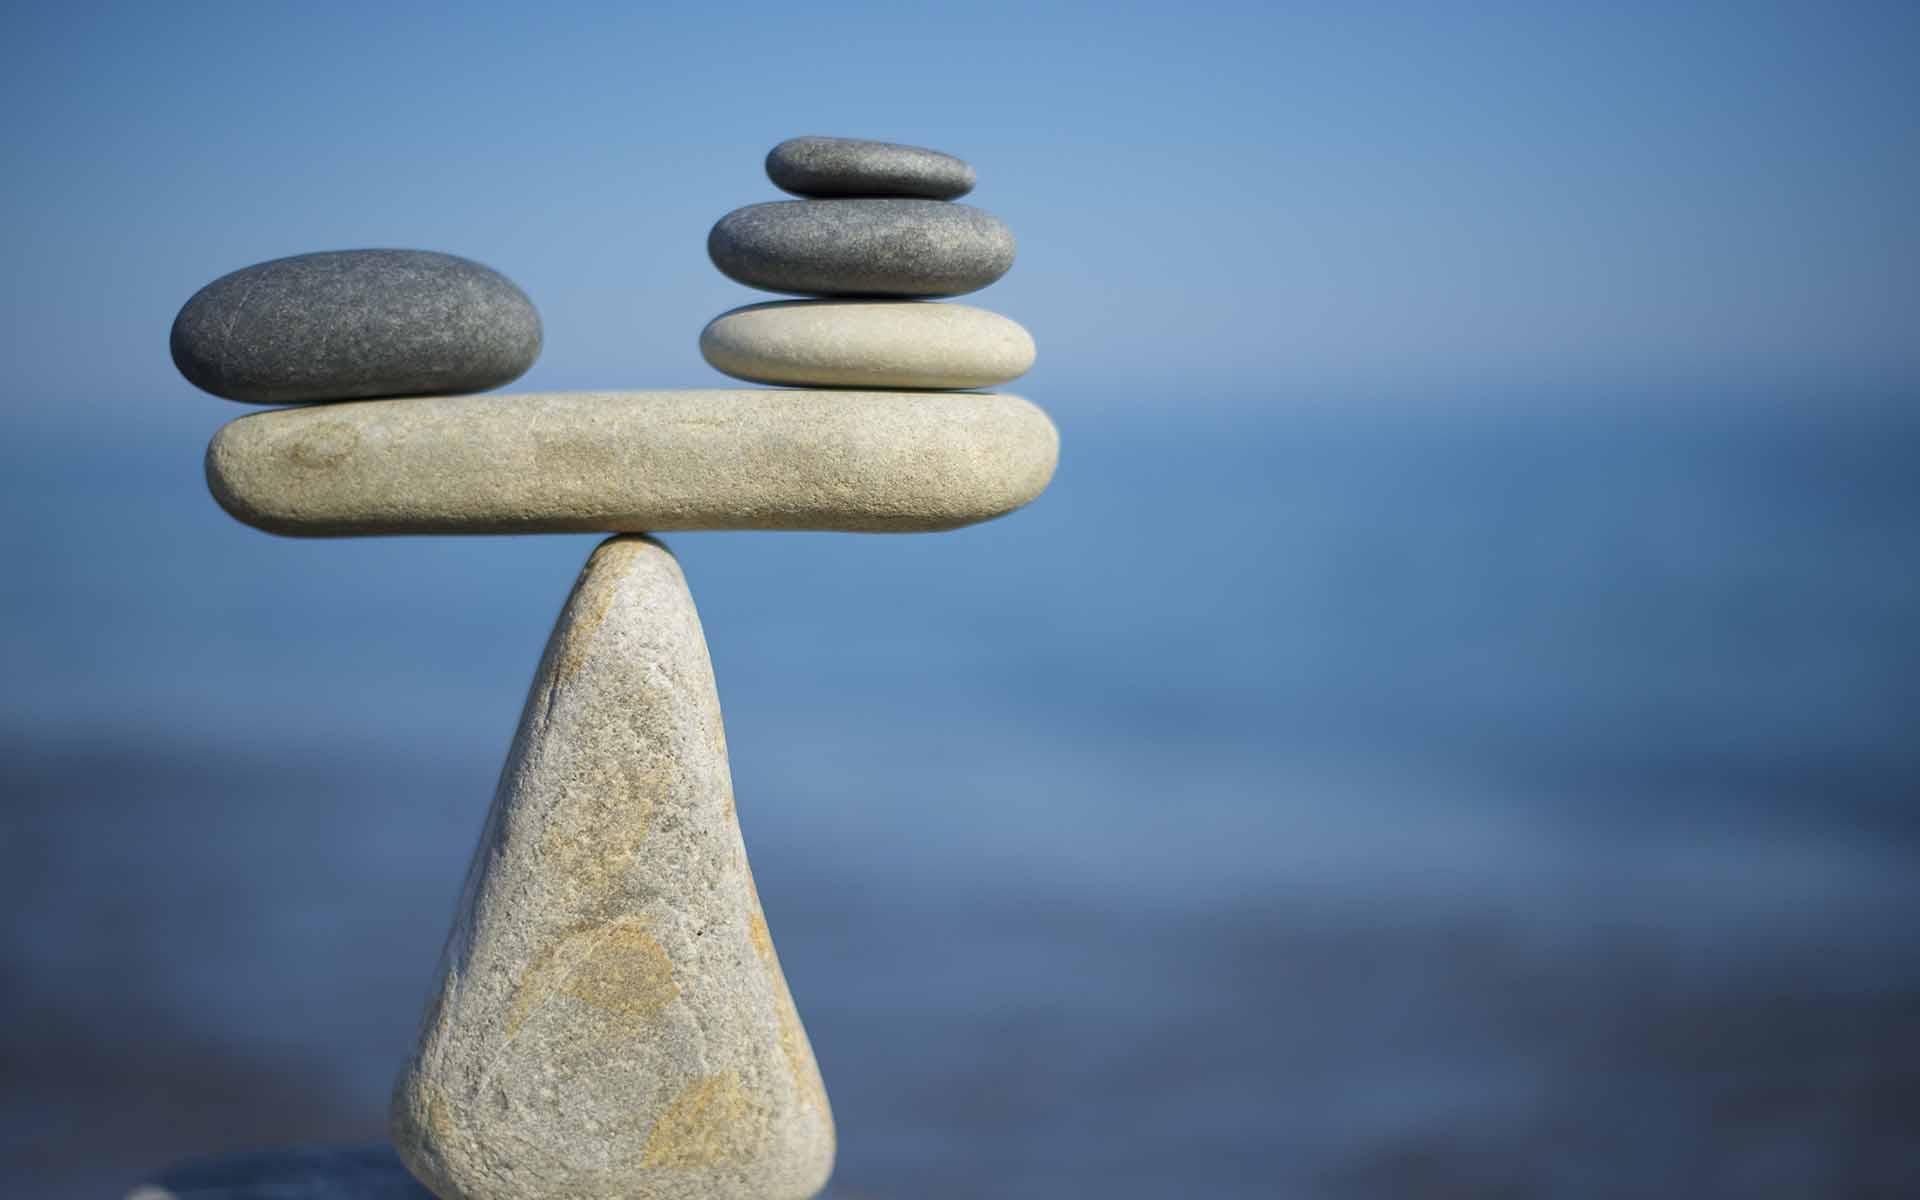 Картинка для баланса